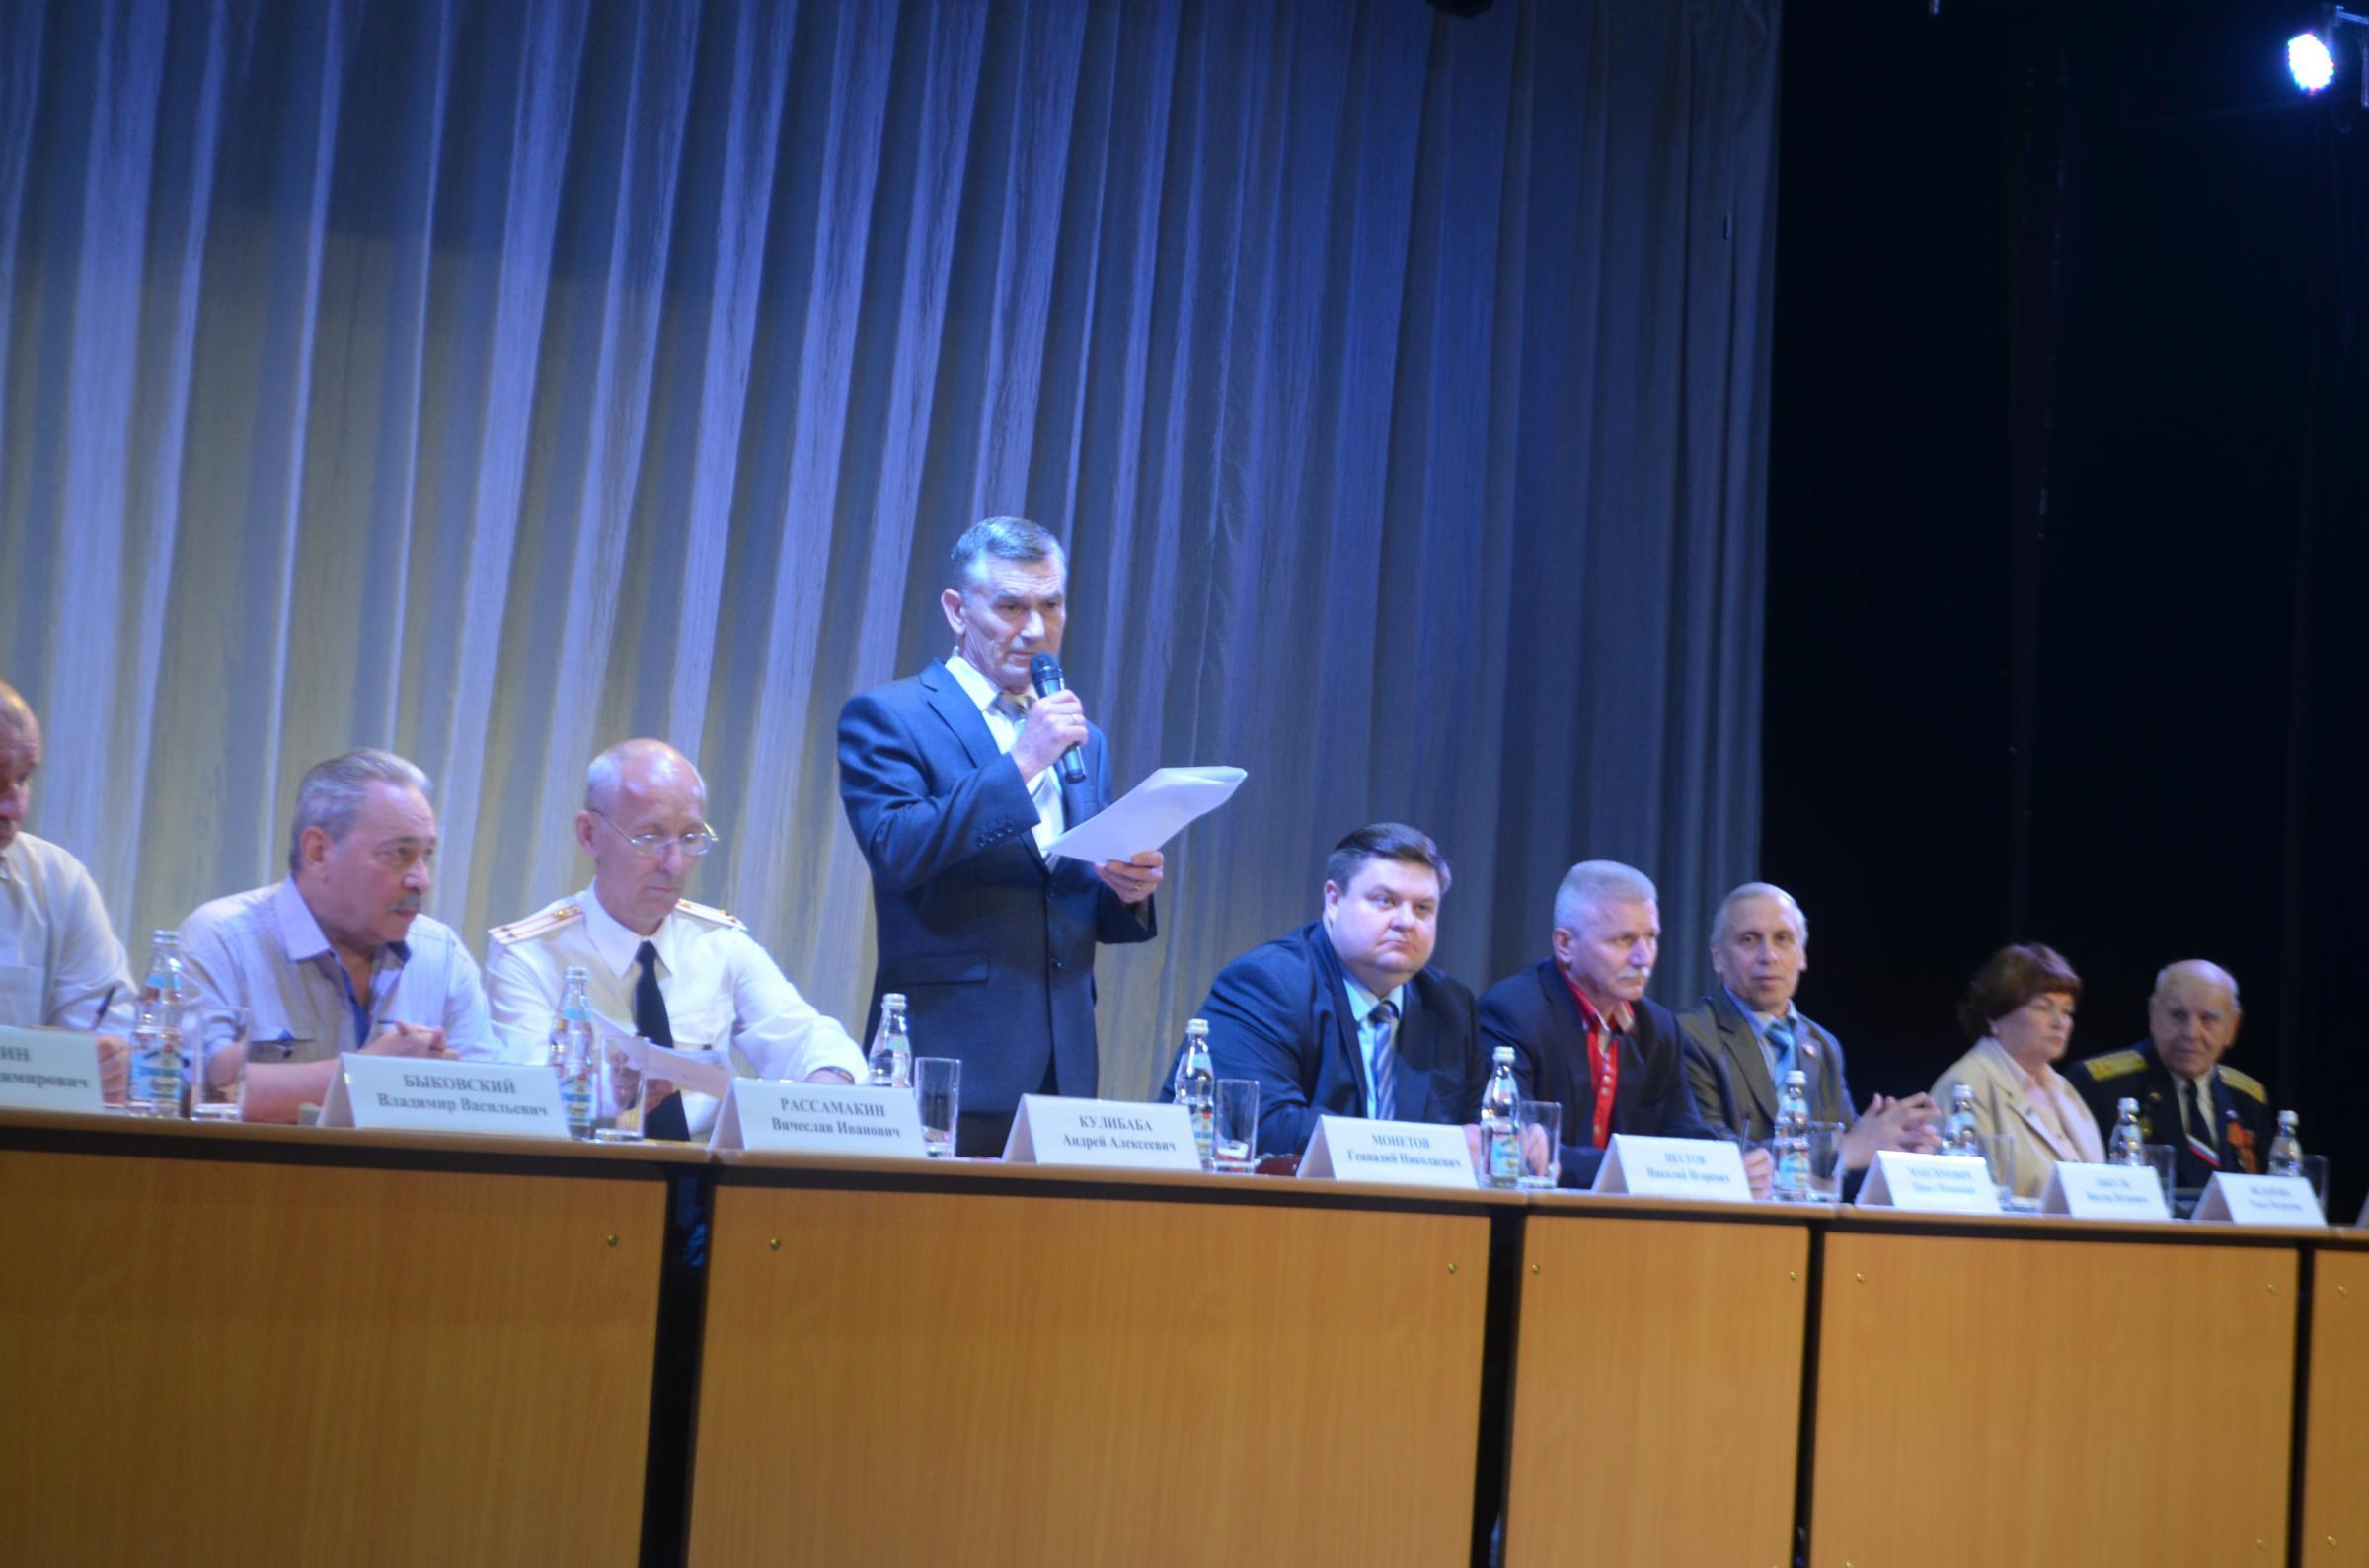 """Президиум конференции ветеранов. ДК """"Октябрь"""". 29.06.17."""